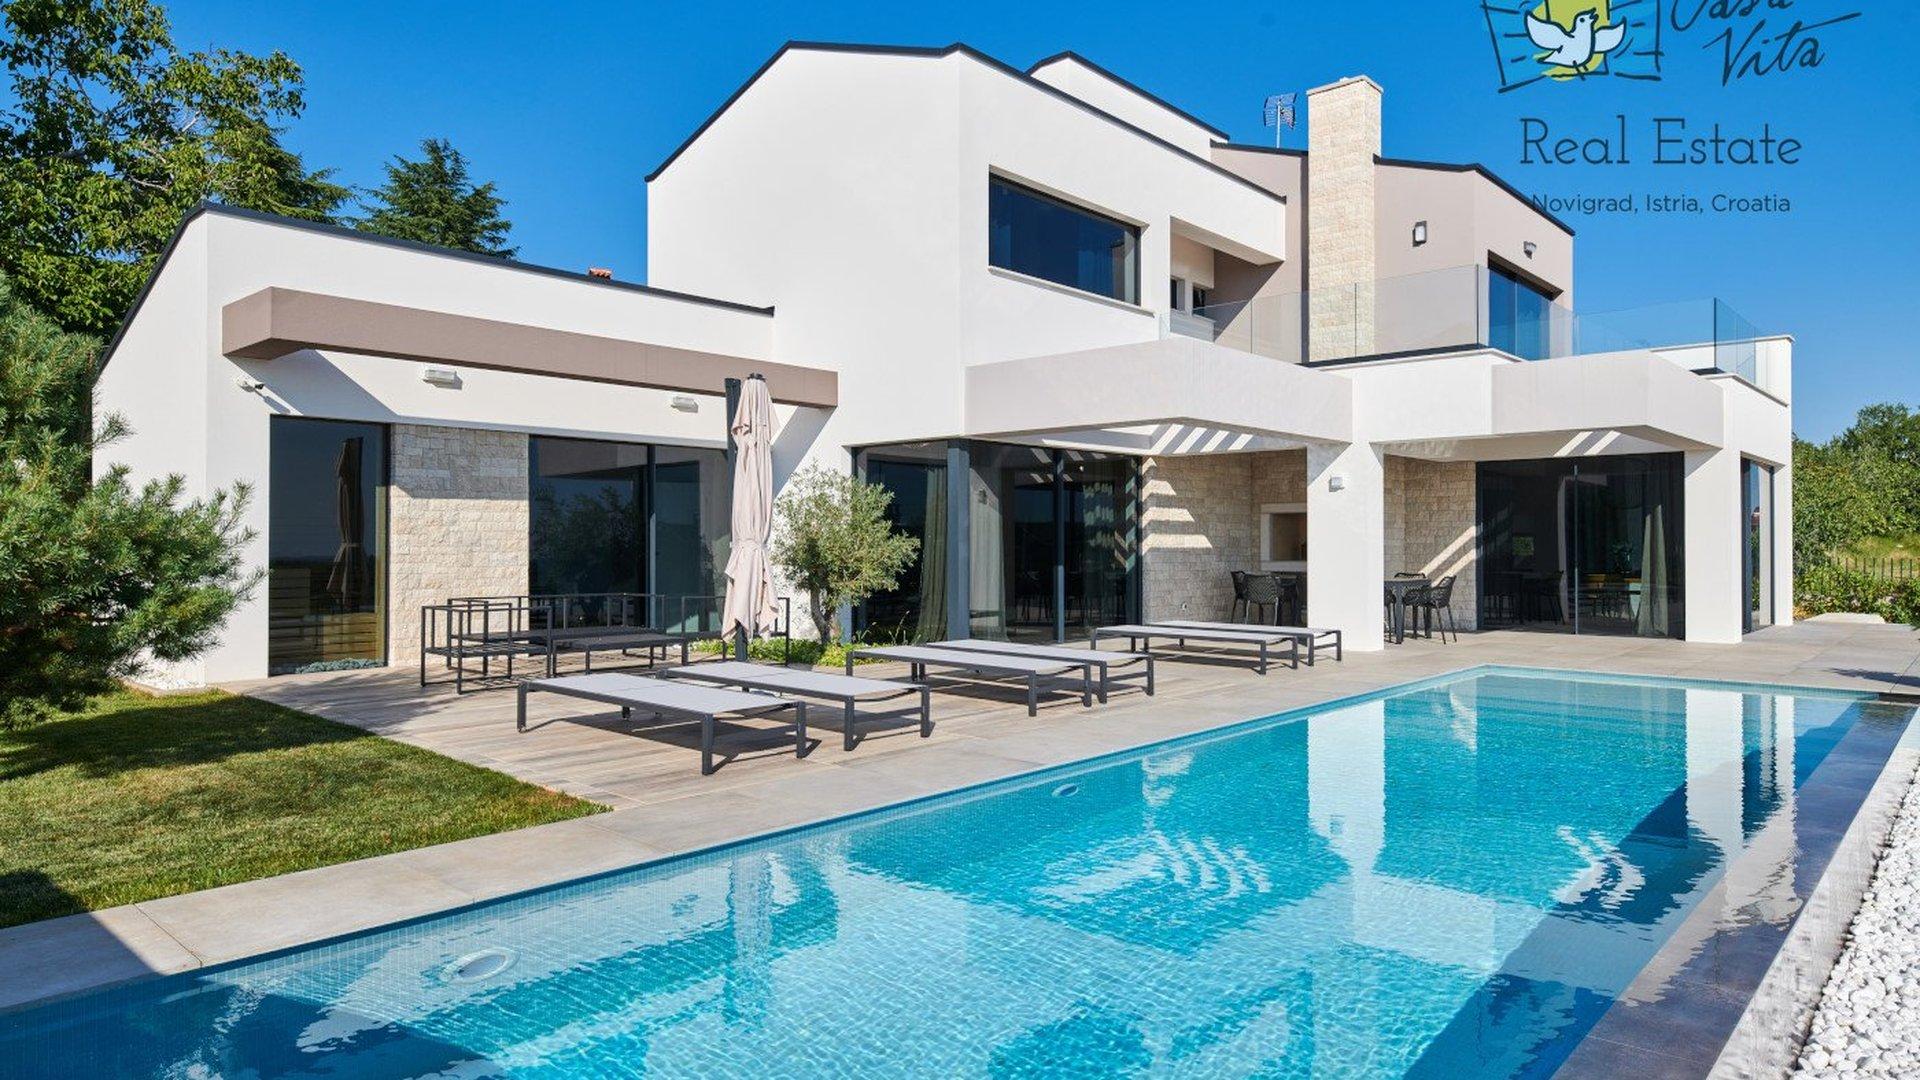 Savršen spoj: Moderna arhitektura u prirodnom okruženju